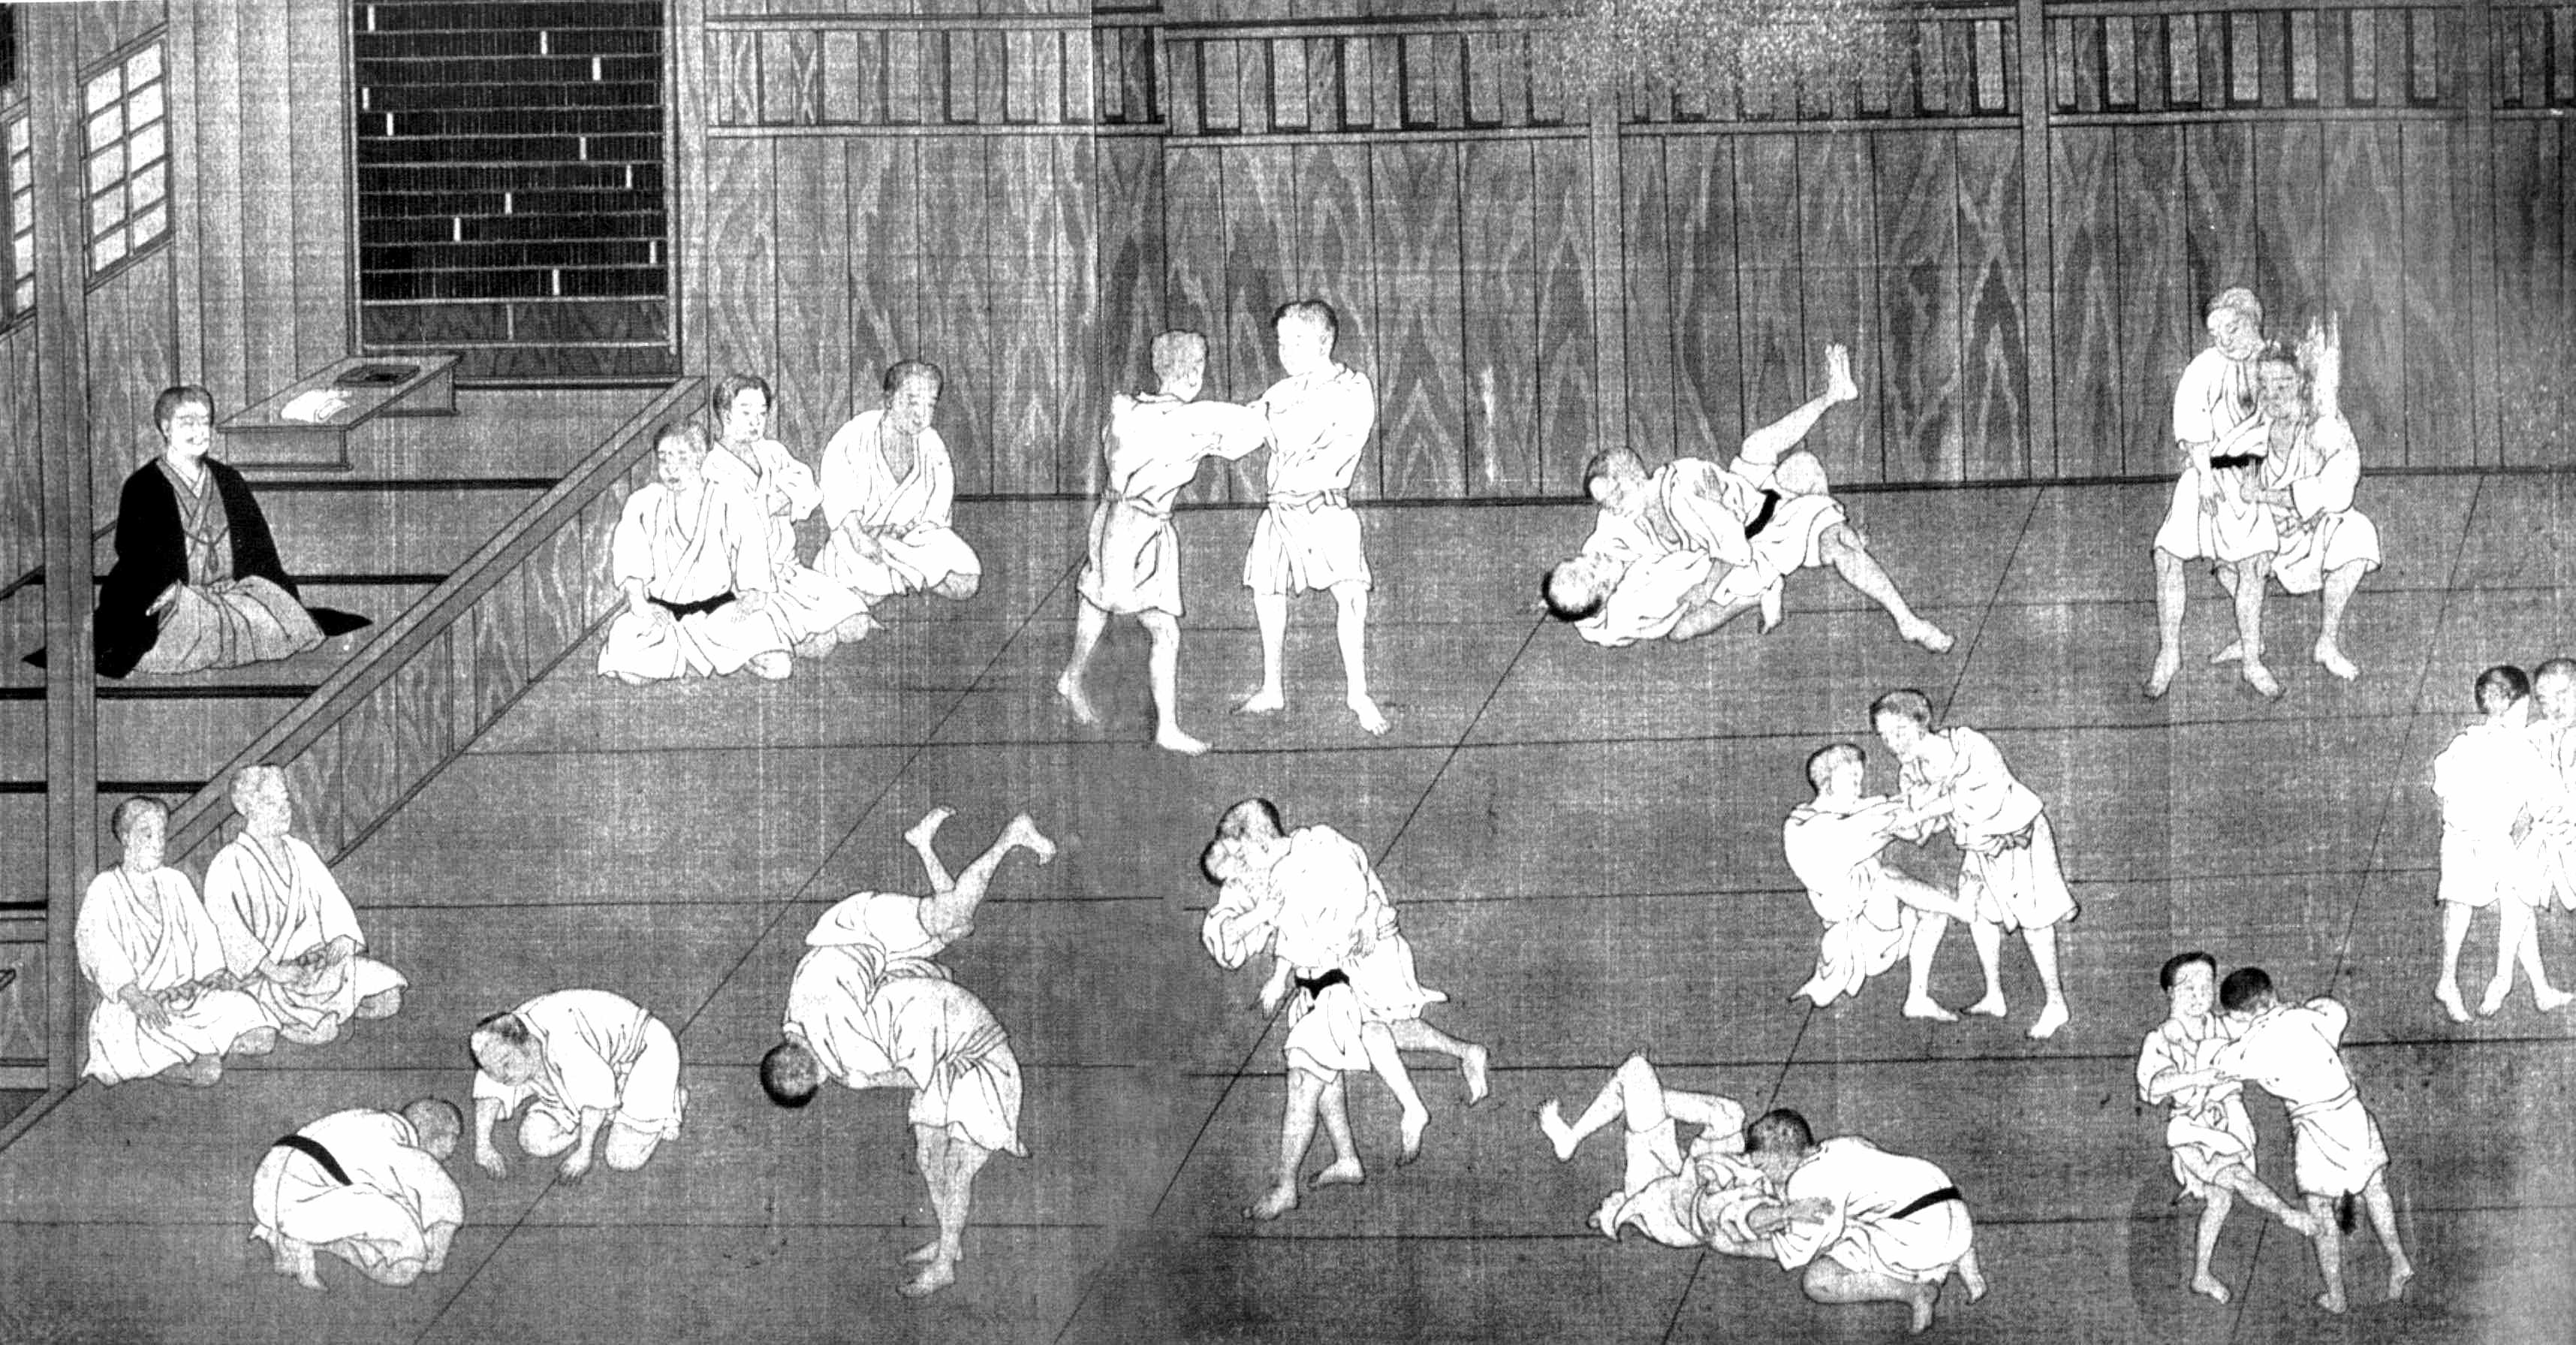 Historical Judo drawing